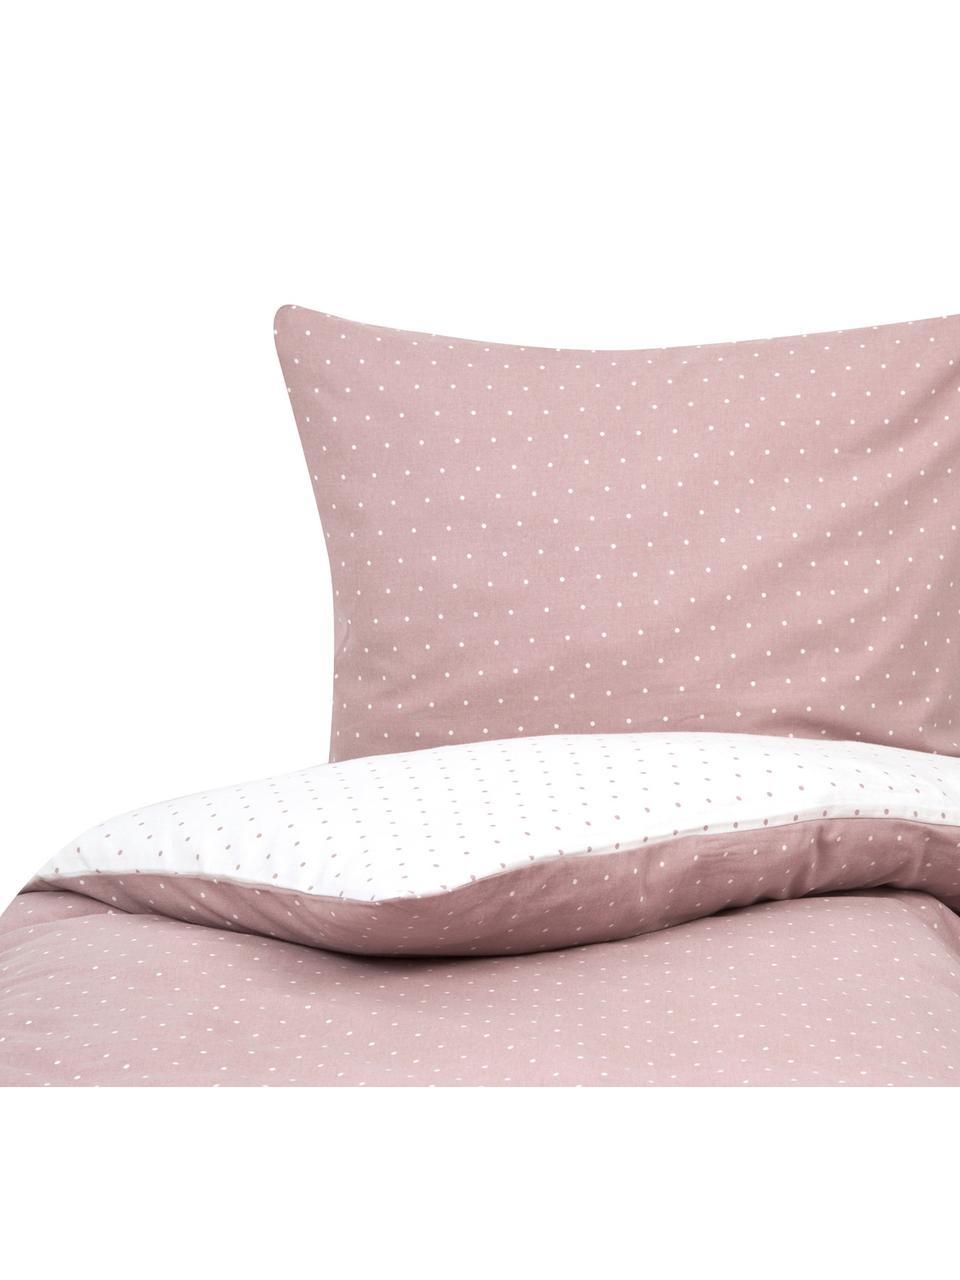 Flanell-Wendebettwäsche Betty, gepunktet, Webart: Flanell Flanell ist ein k, Altrosa, Weiss, 135 x 200 cm + 1 Kissen 80 x 80 cm